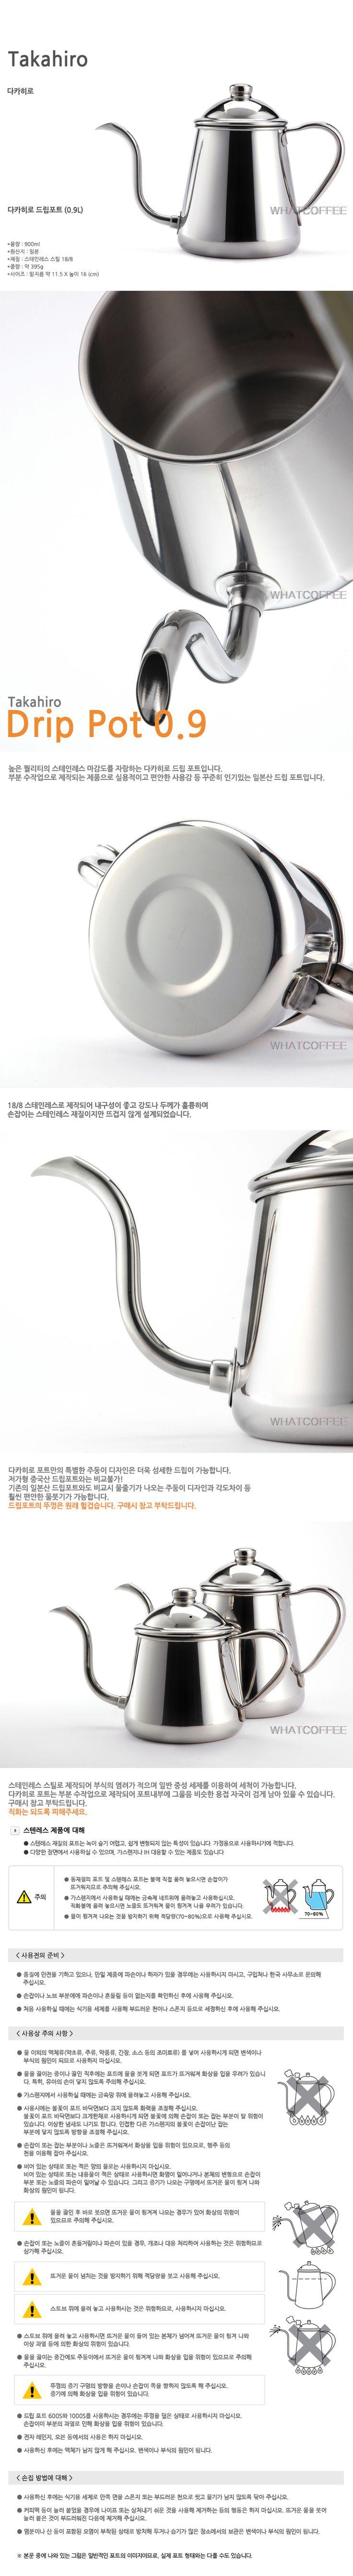 다카히로 드립포트 0.9L - Whatcoffee.co.kr - 칼리타,비알레띠,보덤,모카포트,드립용품,킨토 ::